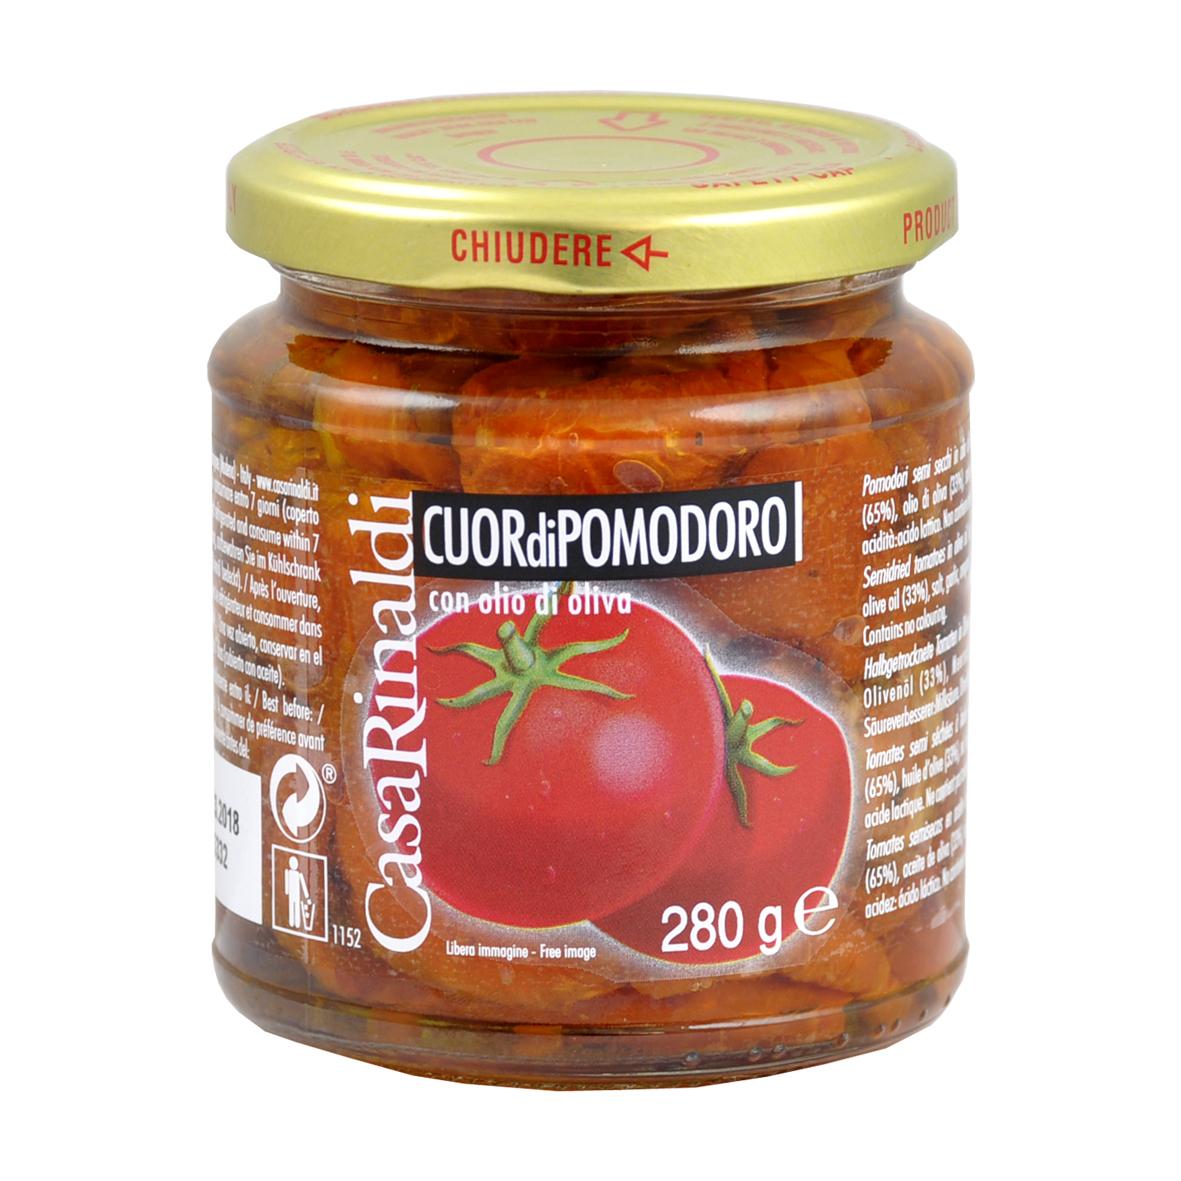 Сердцевина помидоров в оливковом масле Casa Rinaldi 280 г